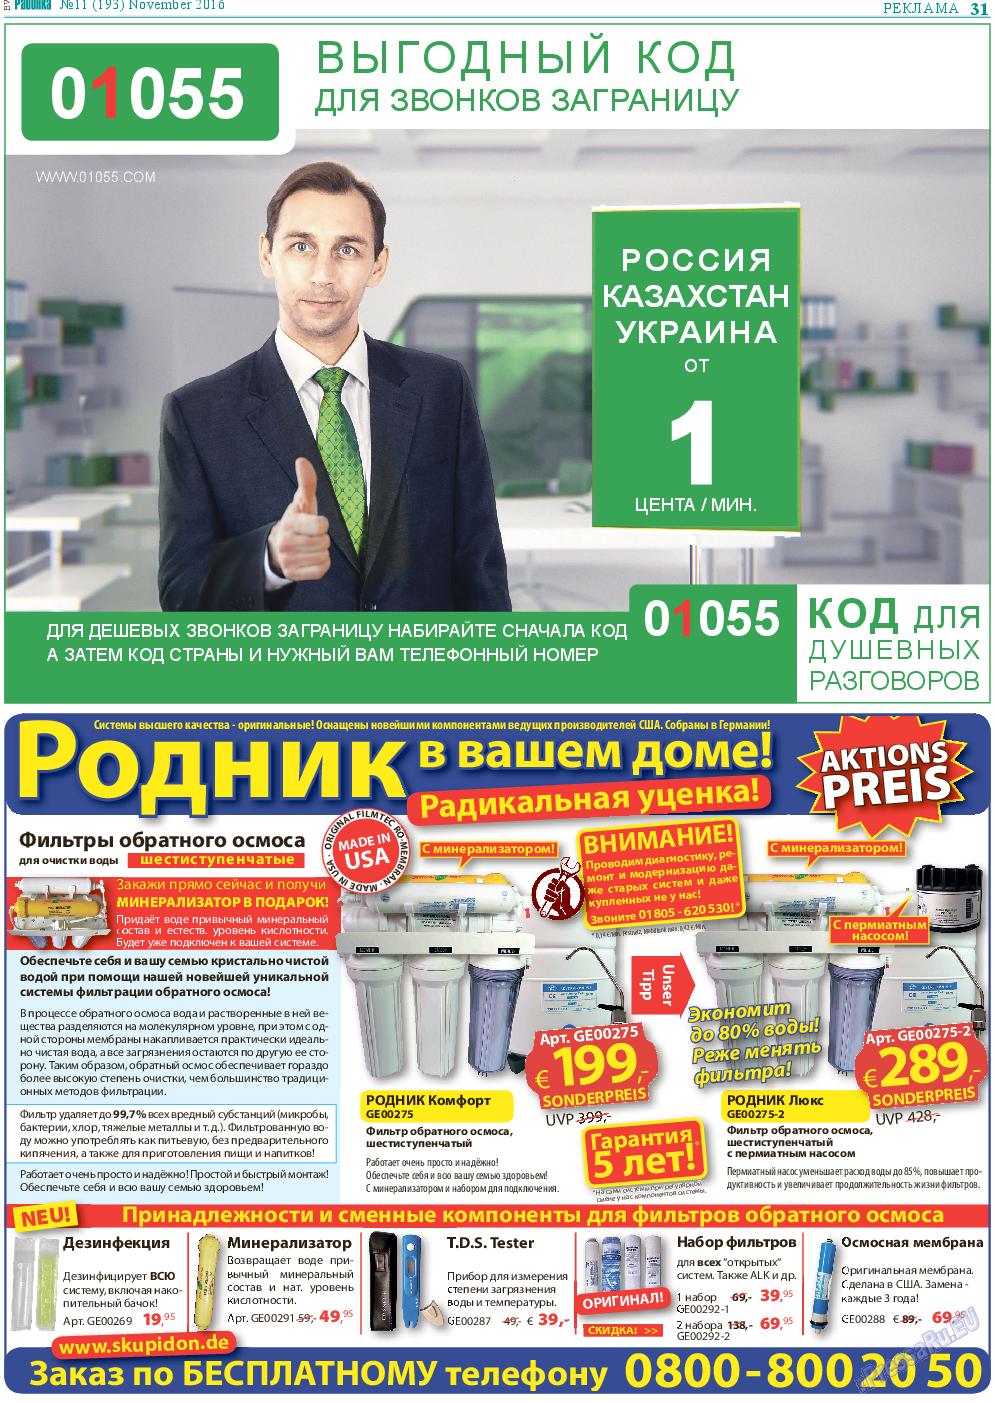 Районка-West (газета). 2016 год, номер 11, стр. 31